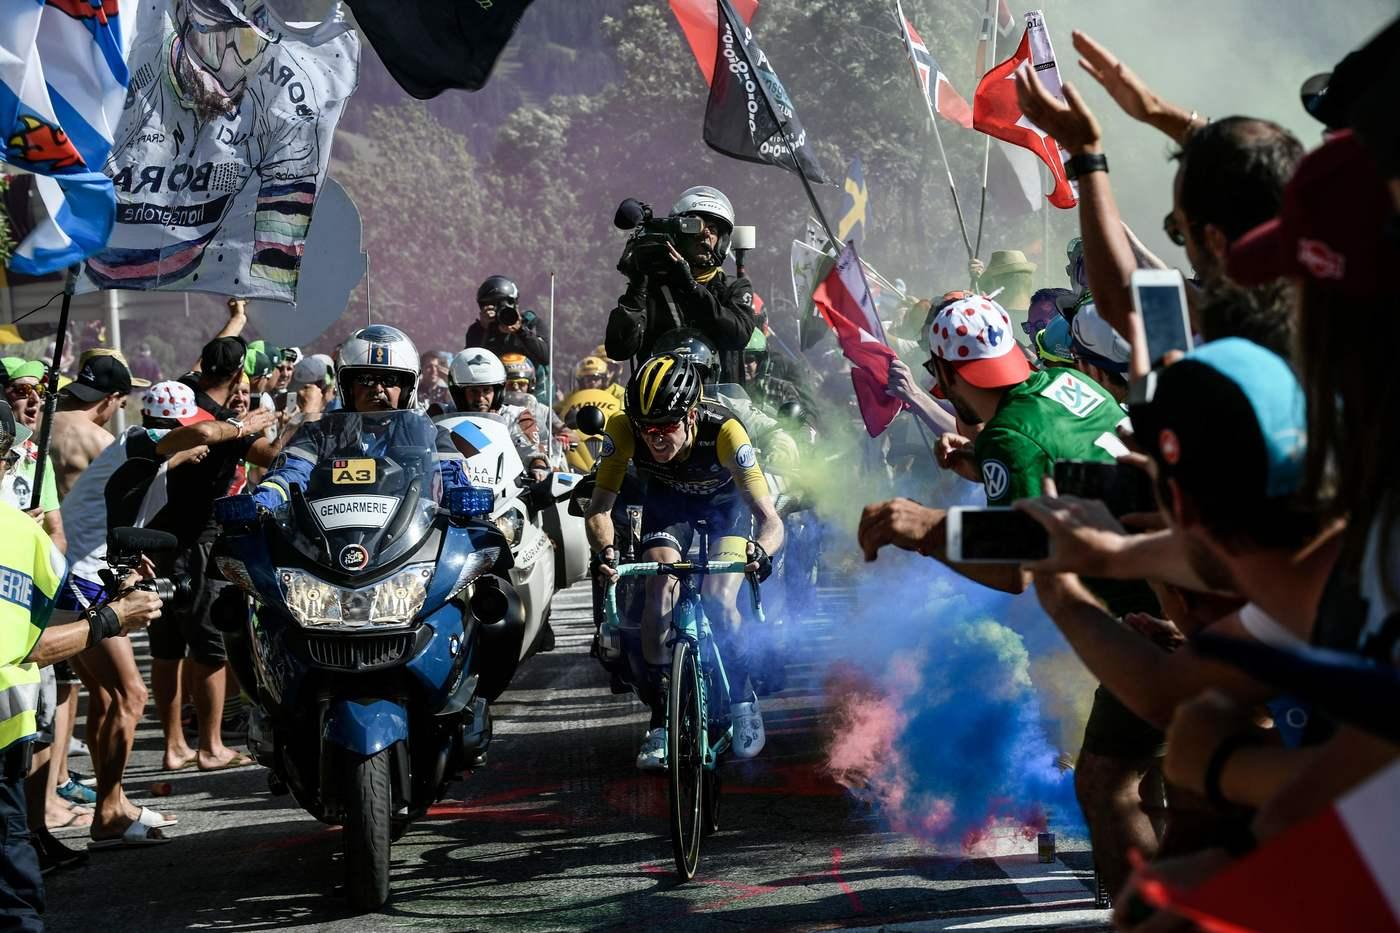 Tour de France 2018 favoriti tappa 13: possibile volata, ma per quali velocisti?